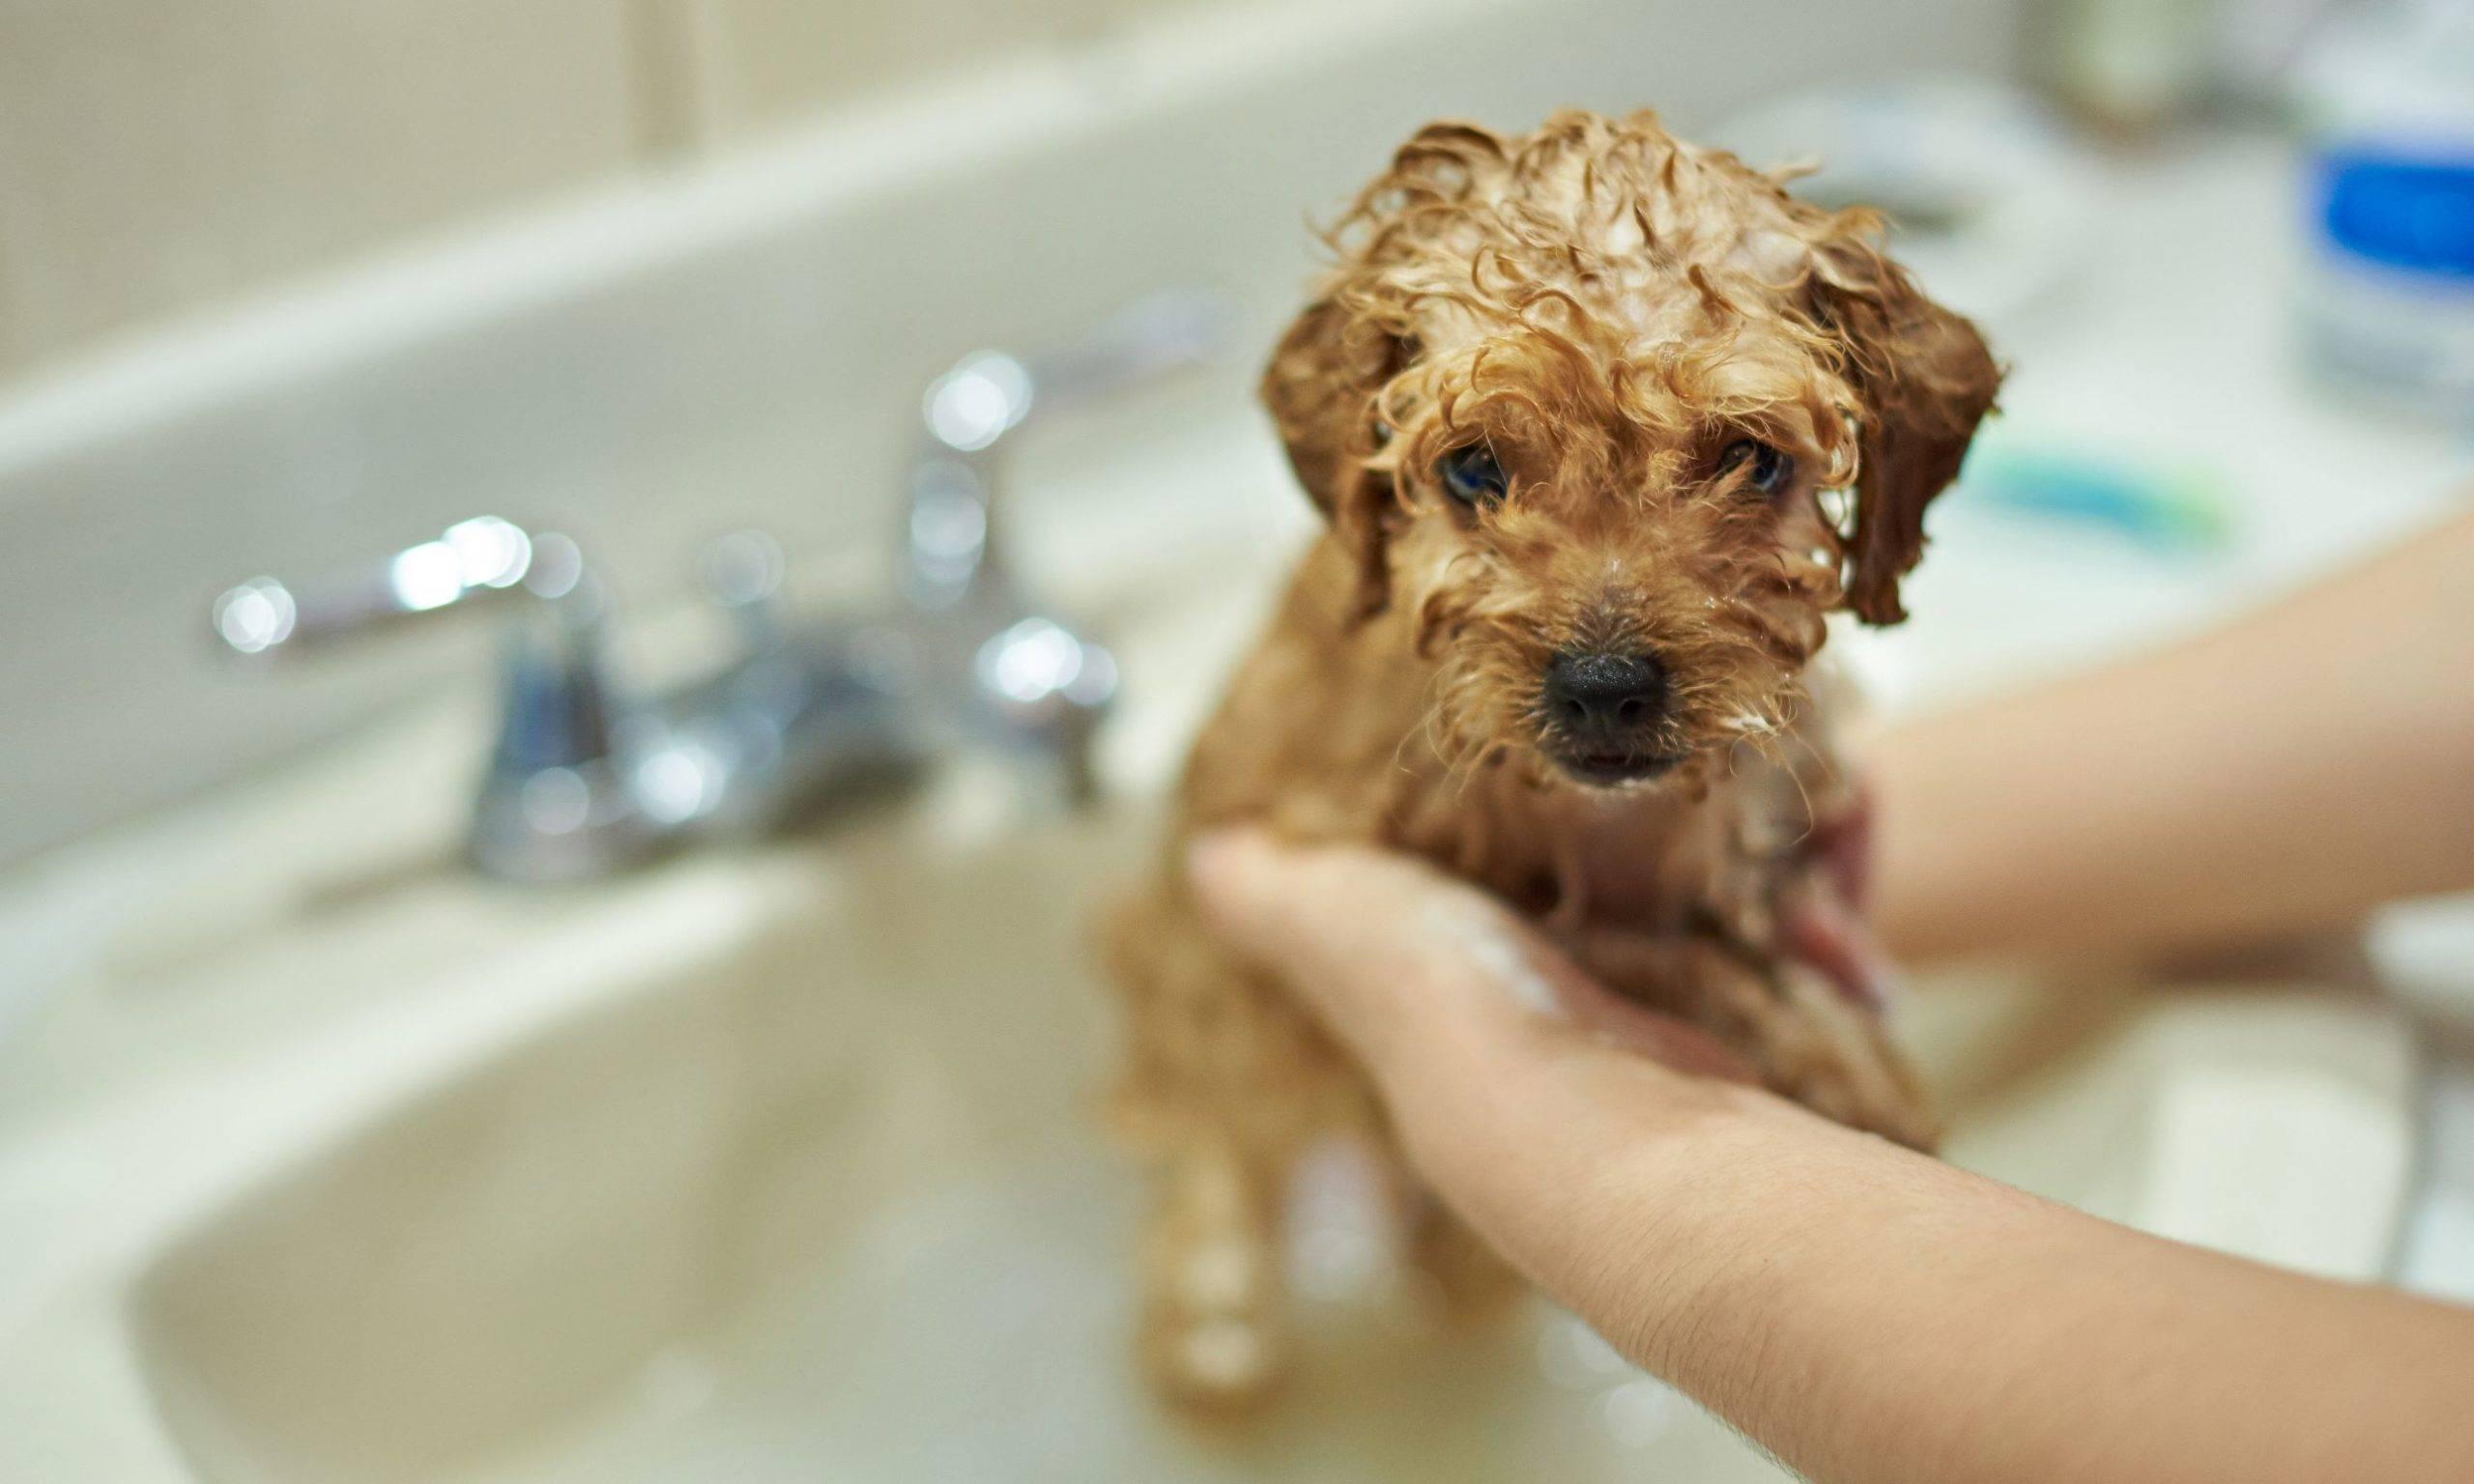 На вопрос, можно ли мыть собаку хозяйственным мылом, ответ отрицательный